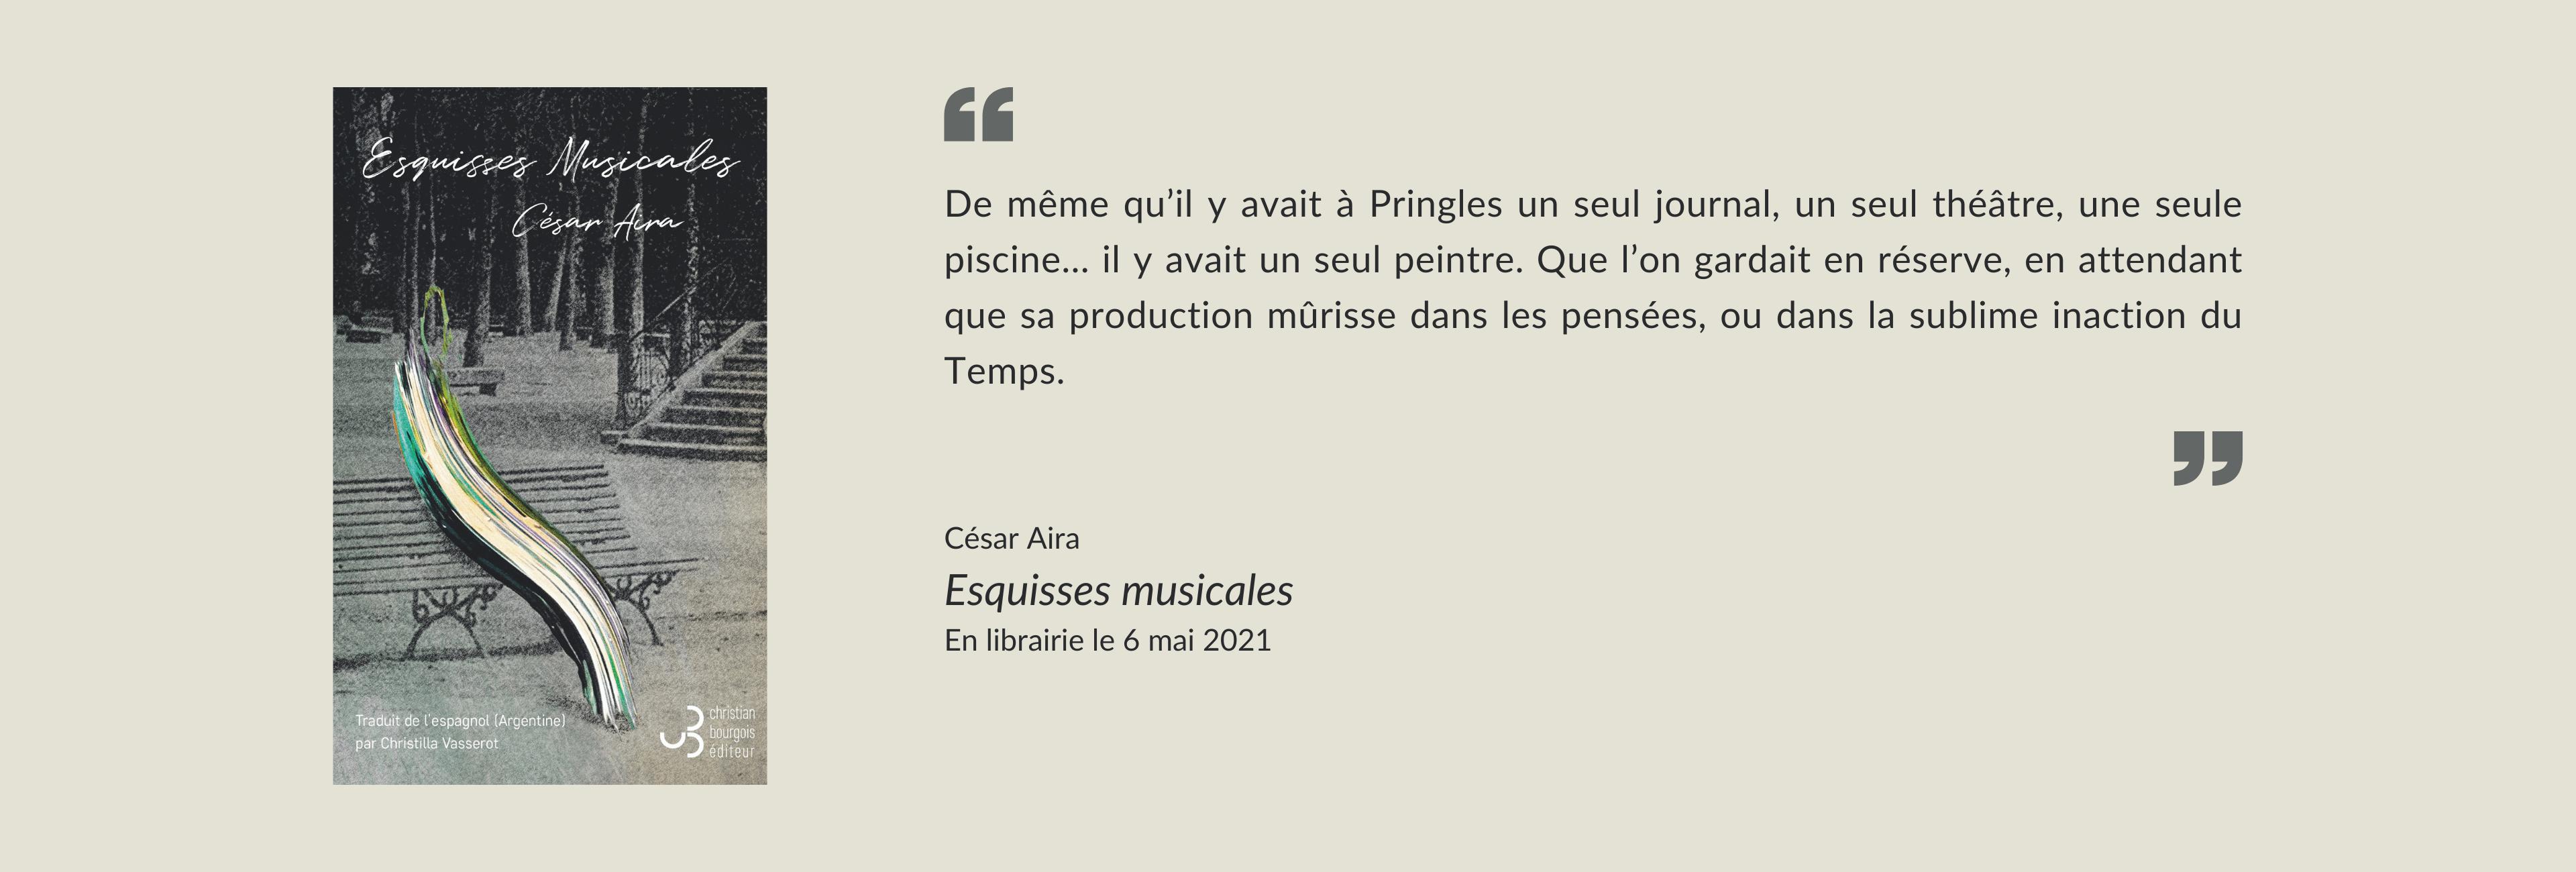 Aira - Esquisses musicales